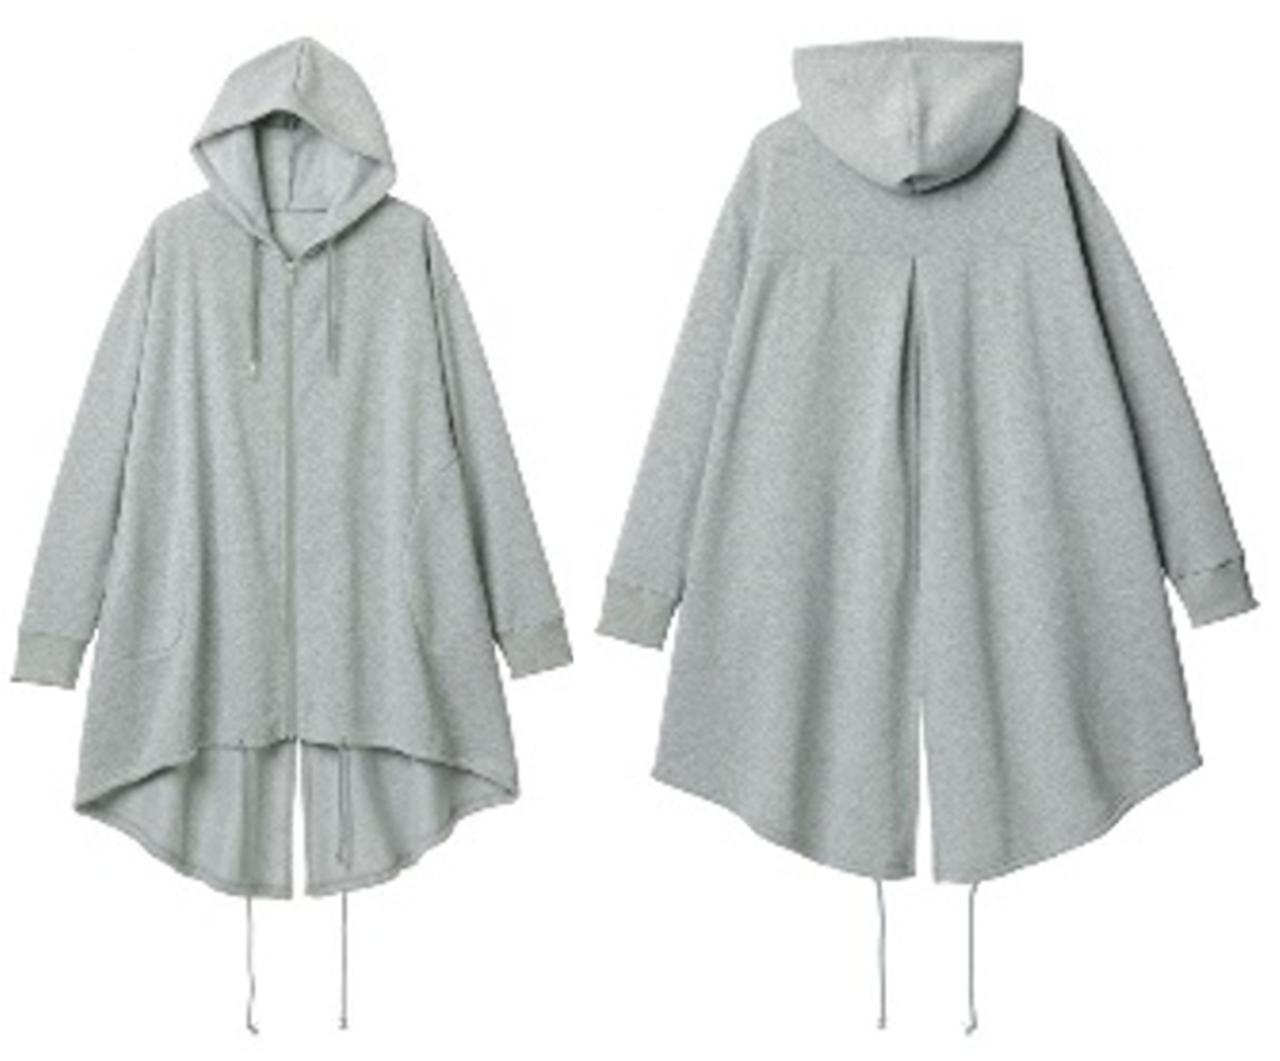 画像4: ファッション性と実用性を両立!これからの季節を快適に過ごせる!